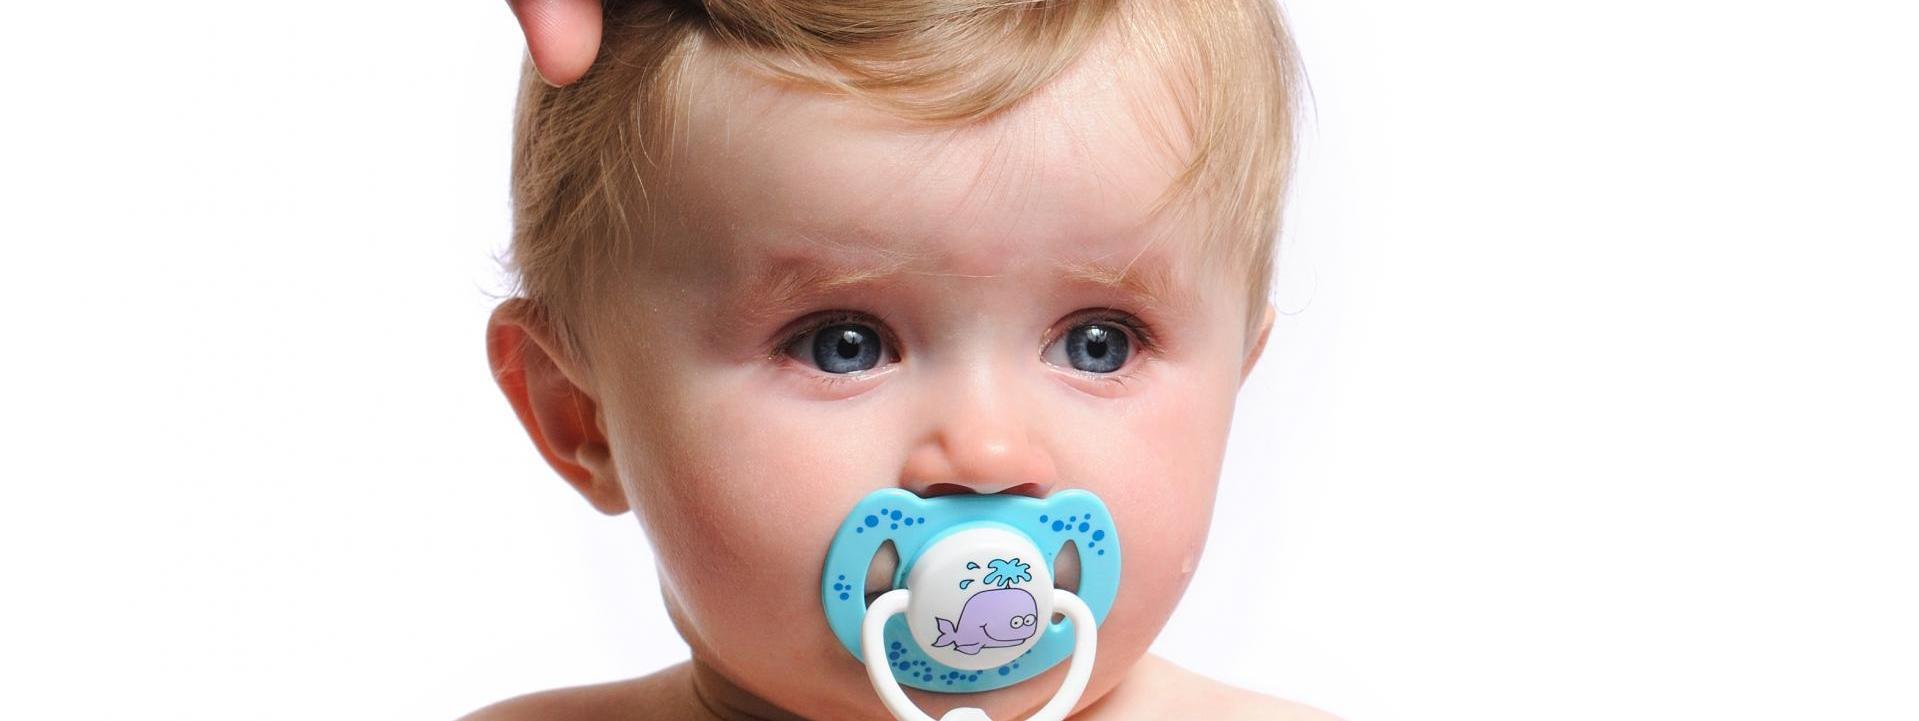 ¿Porqué es importante la primera revisión oftalmológica de tu bebé?